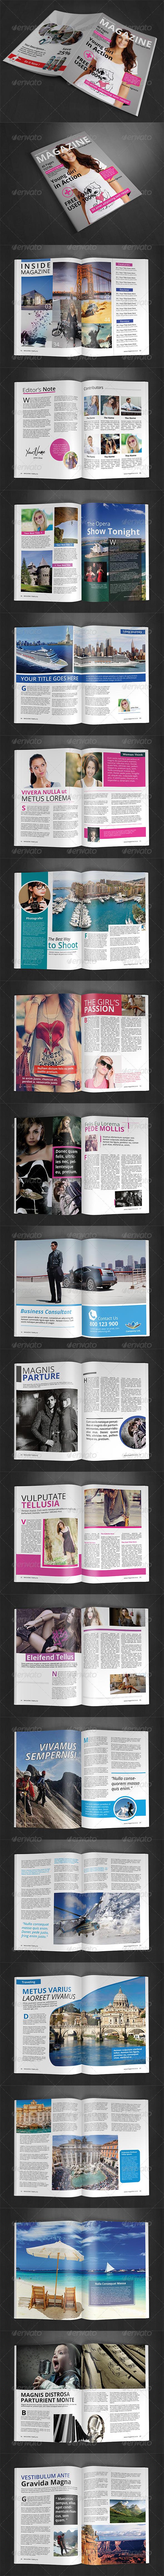 GraphicRiver A4 Magazine Template Vol 5 8631379